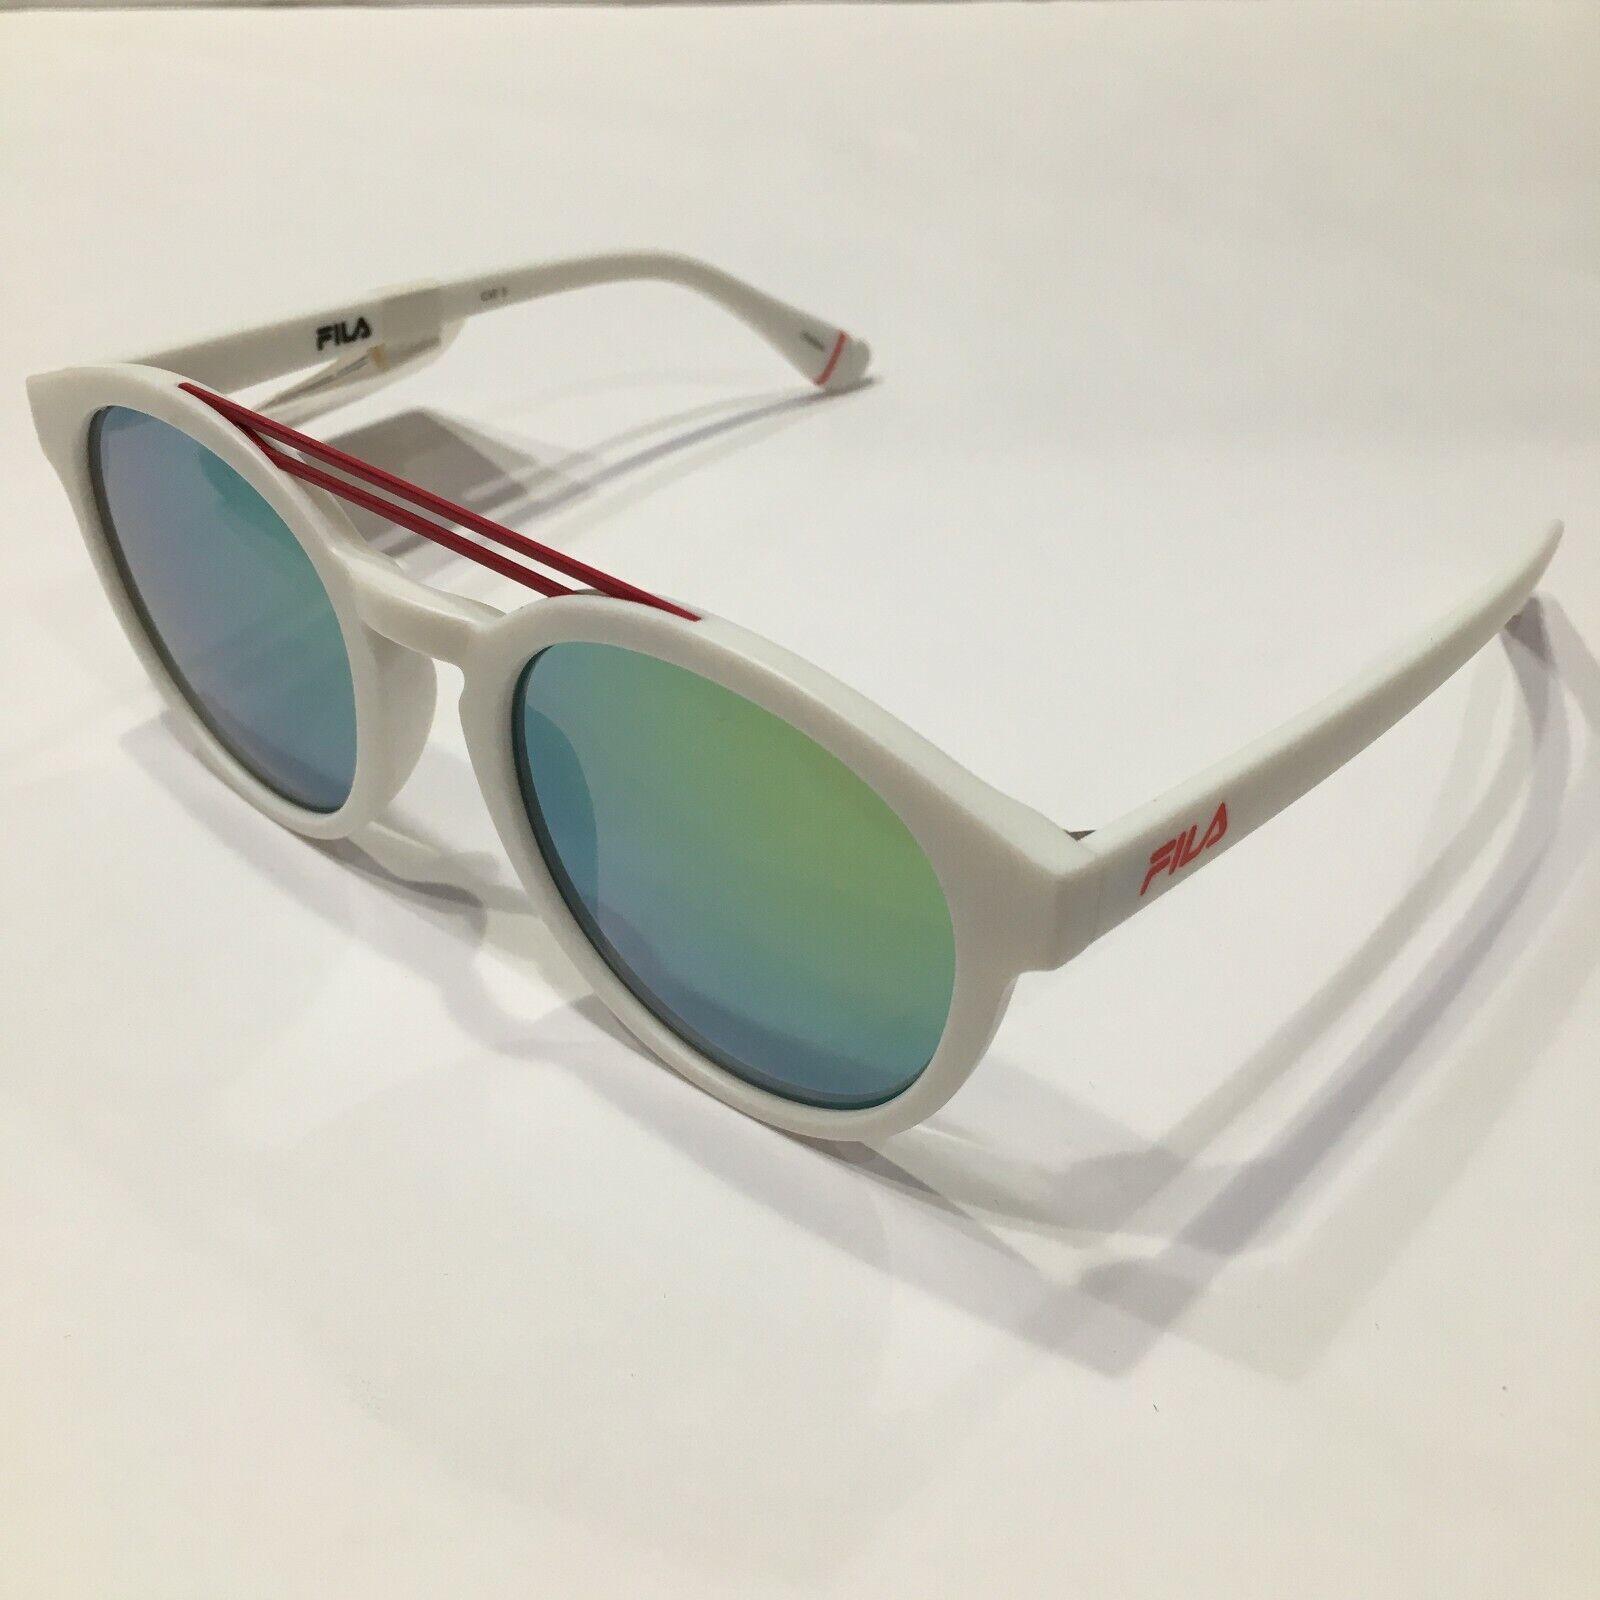 FILA Sunglasses SF9334 6VCR White-Red/Mirrored Green 53 mm Non-Polarized